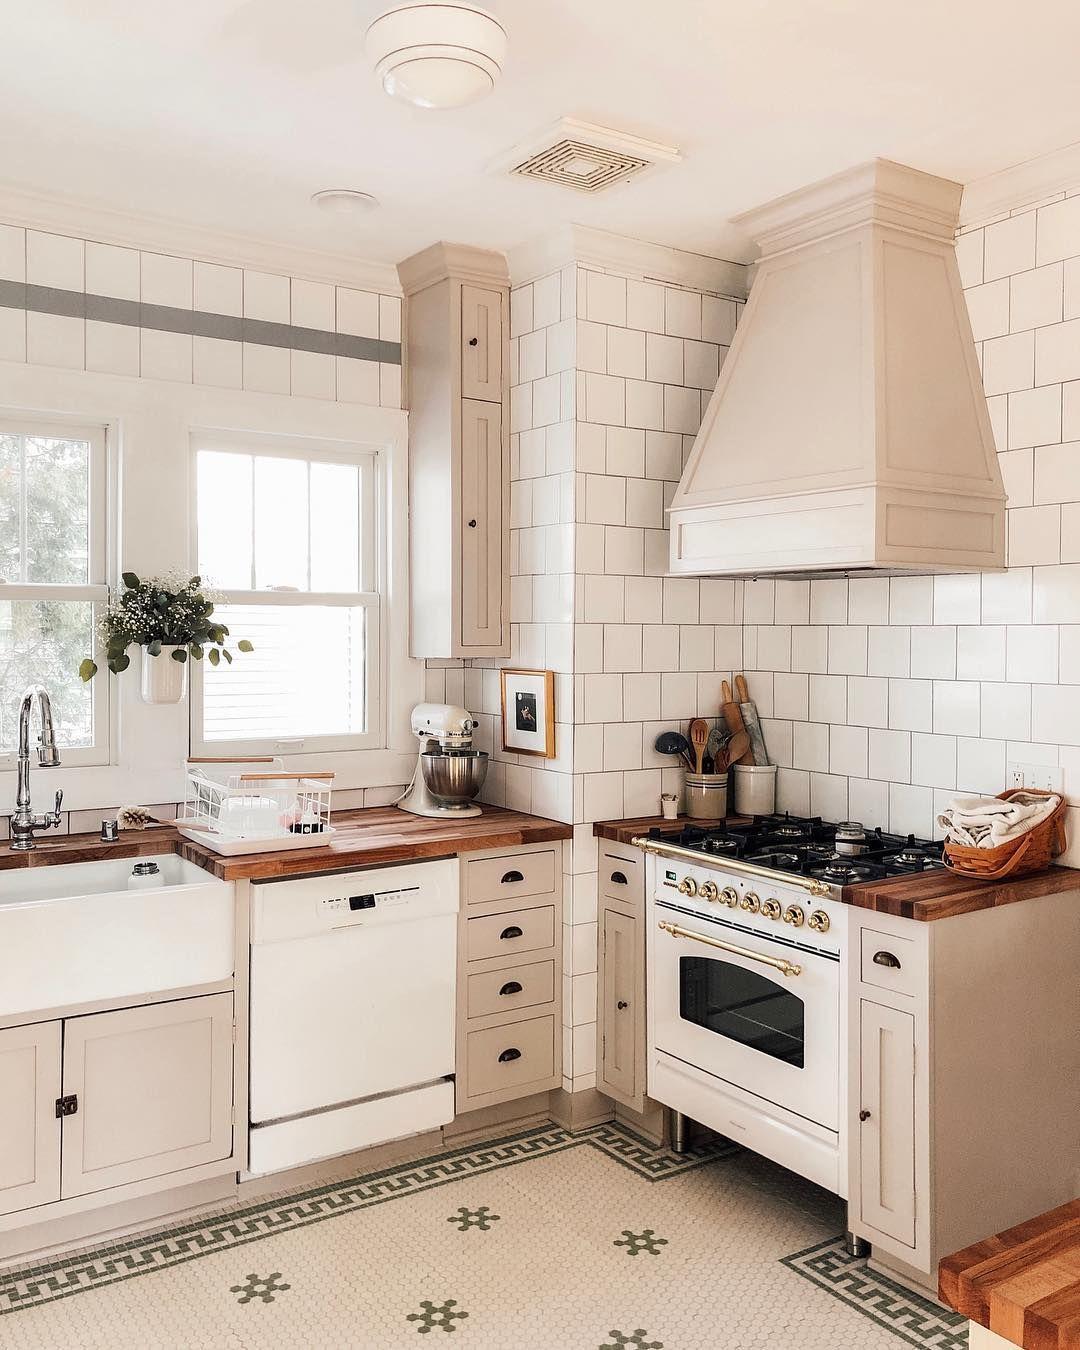 Top Neutral Kitchen Ideas